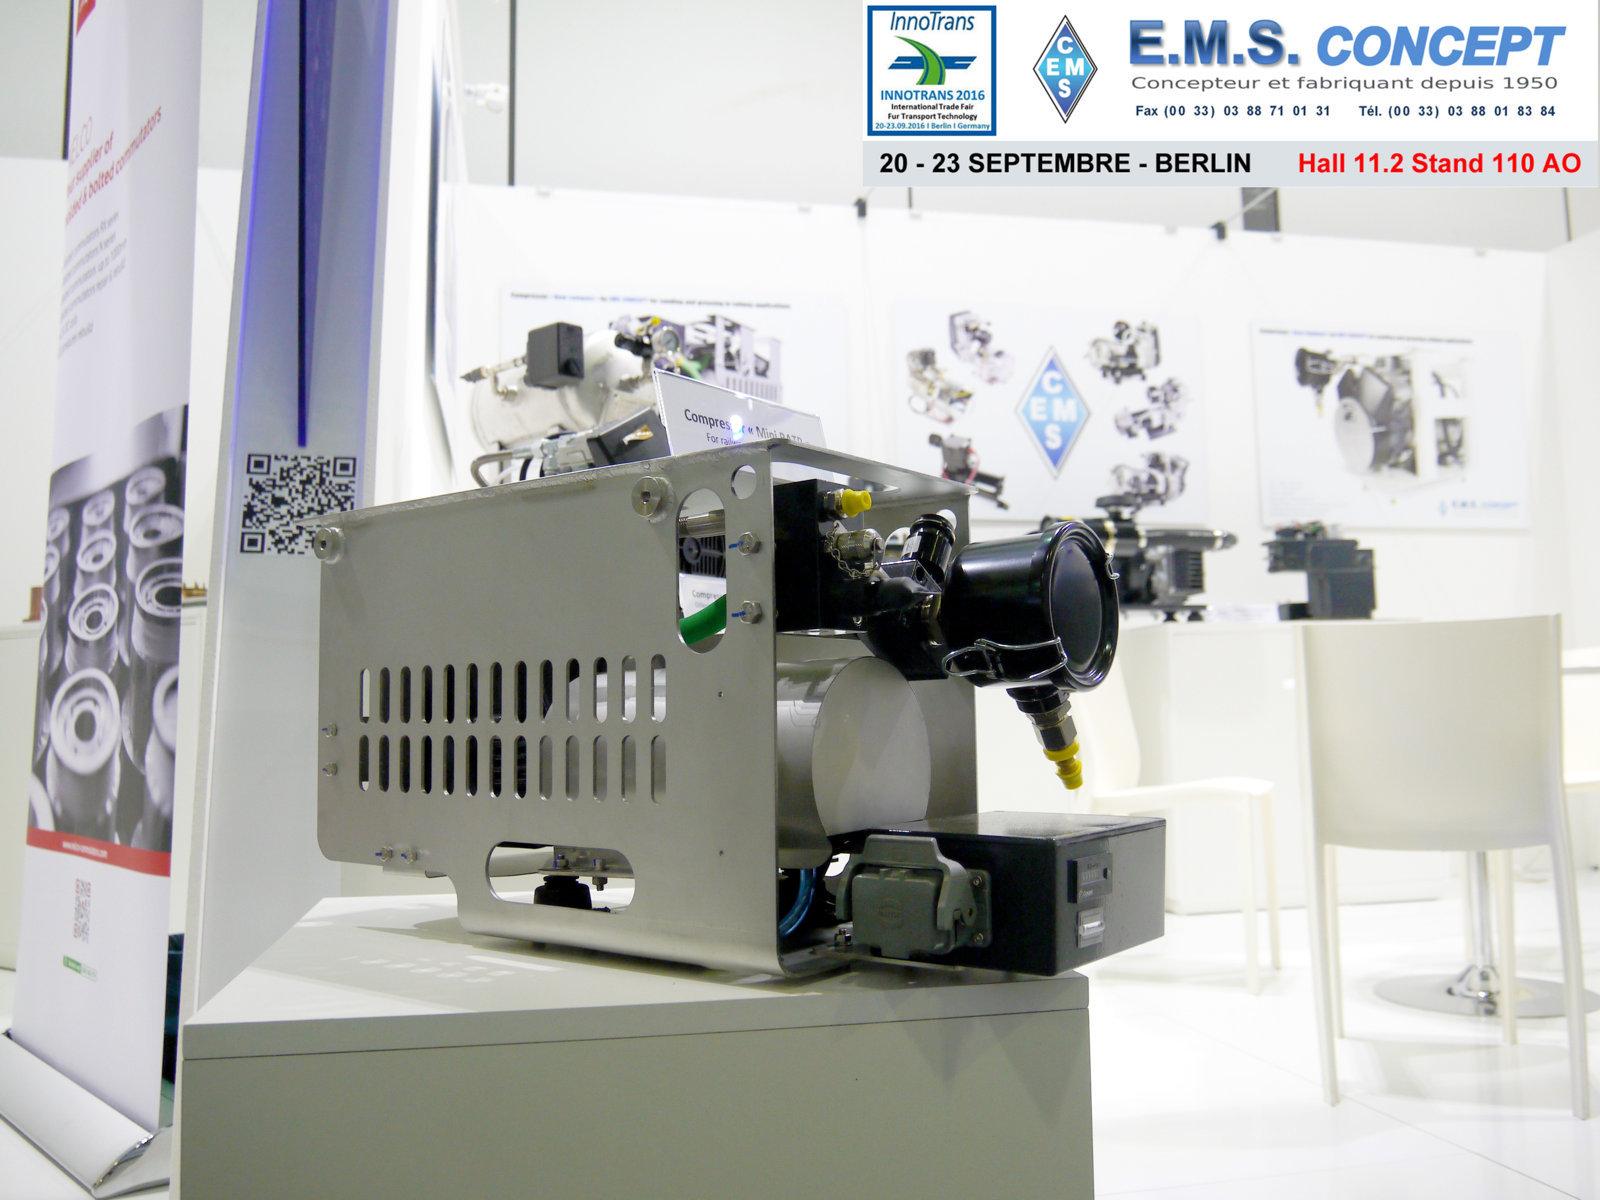 """Berlin Innotrans """"New Standard"""" EMS Concept"""